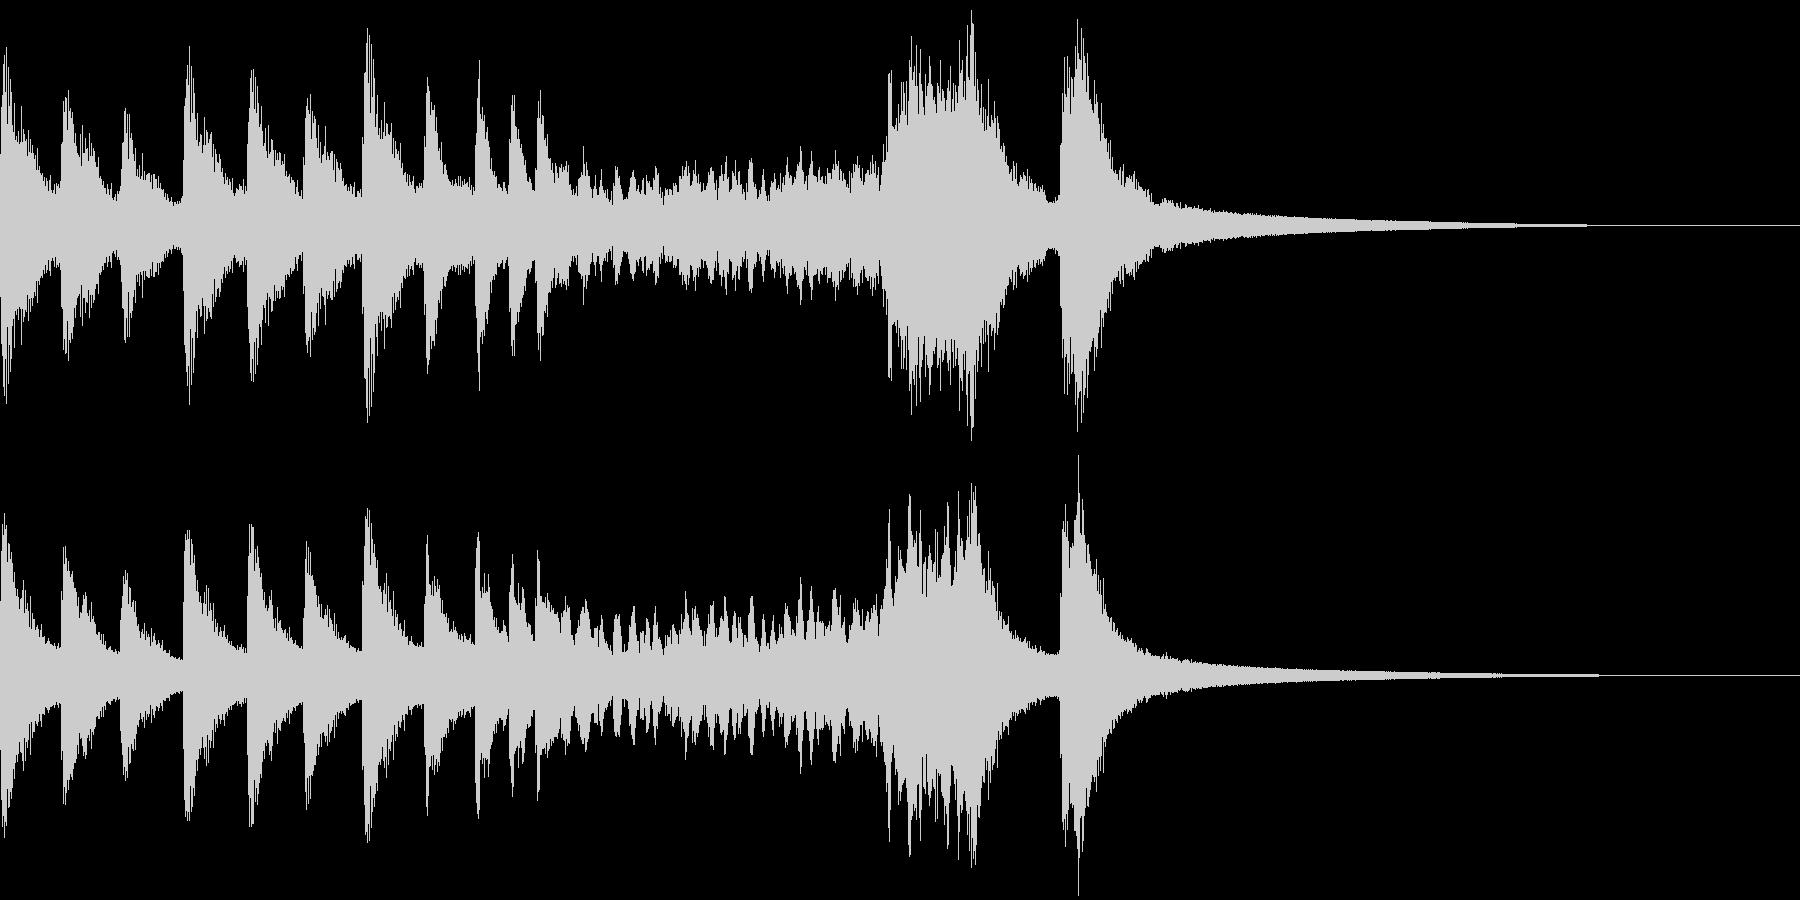 パーンパーンパーン! 銅鑼のロール音の未再生の波形